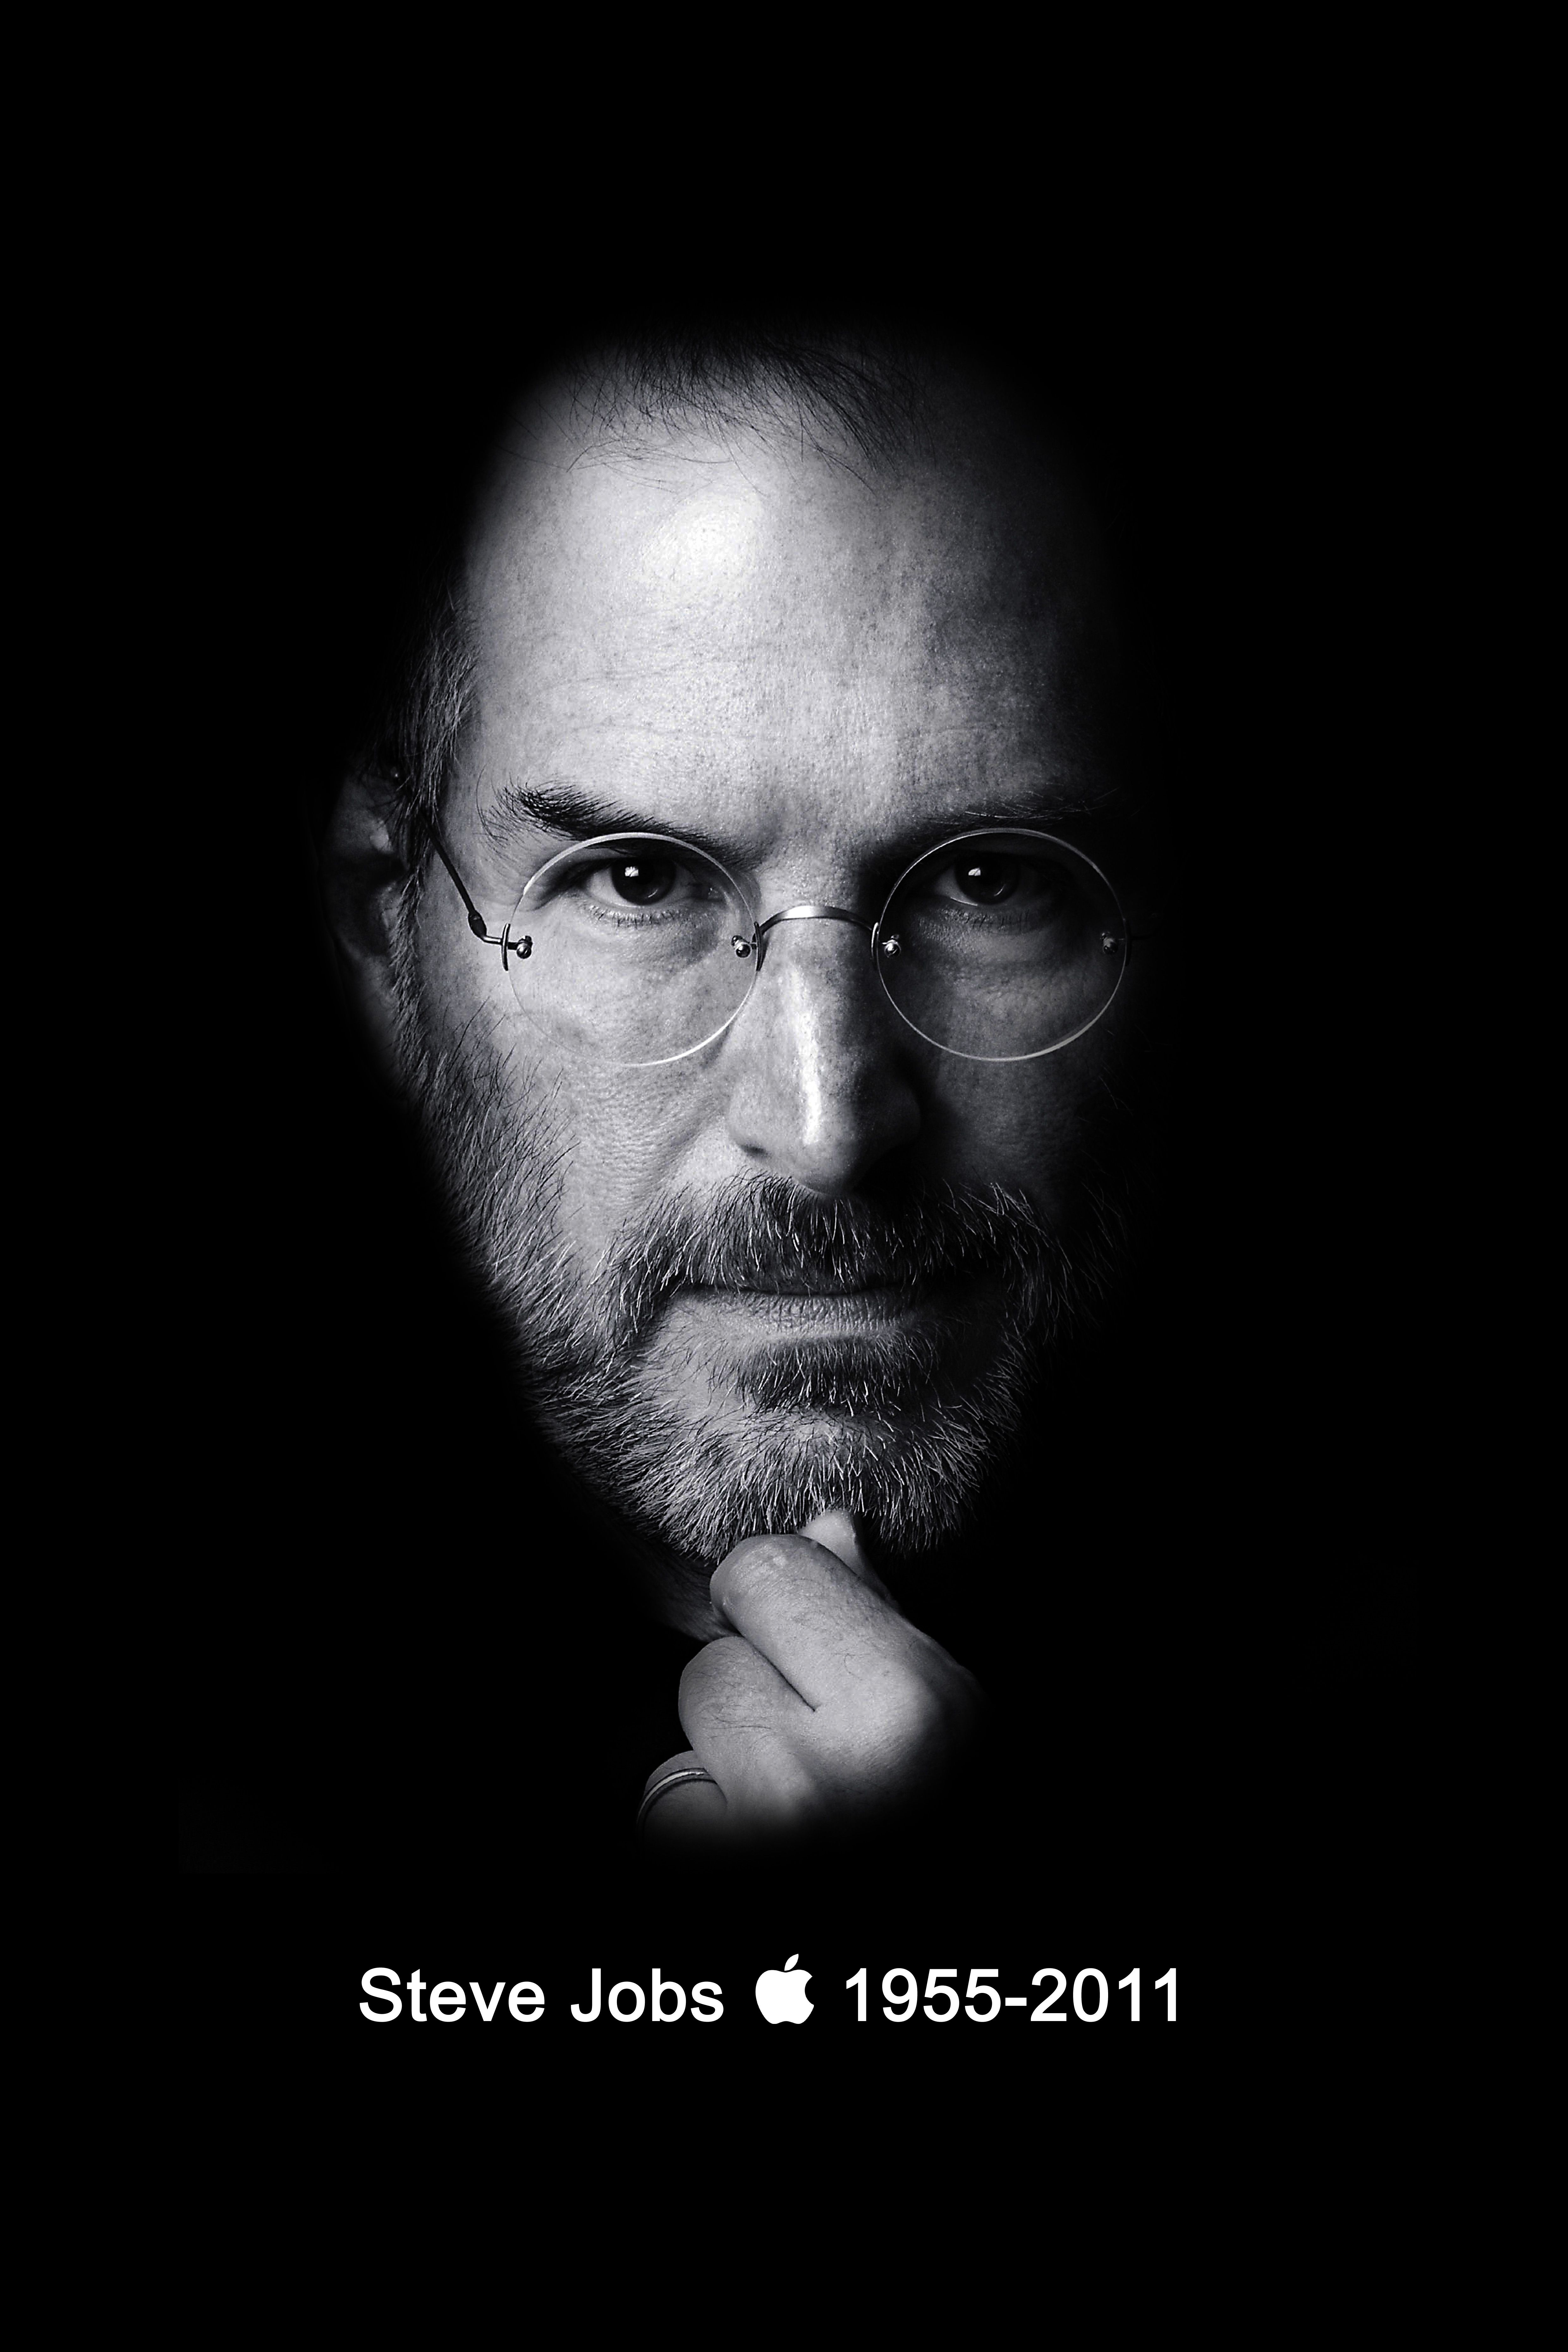 About Steve Jobs Apple Steve Jobs Iphone Wallpaper